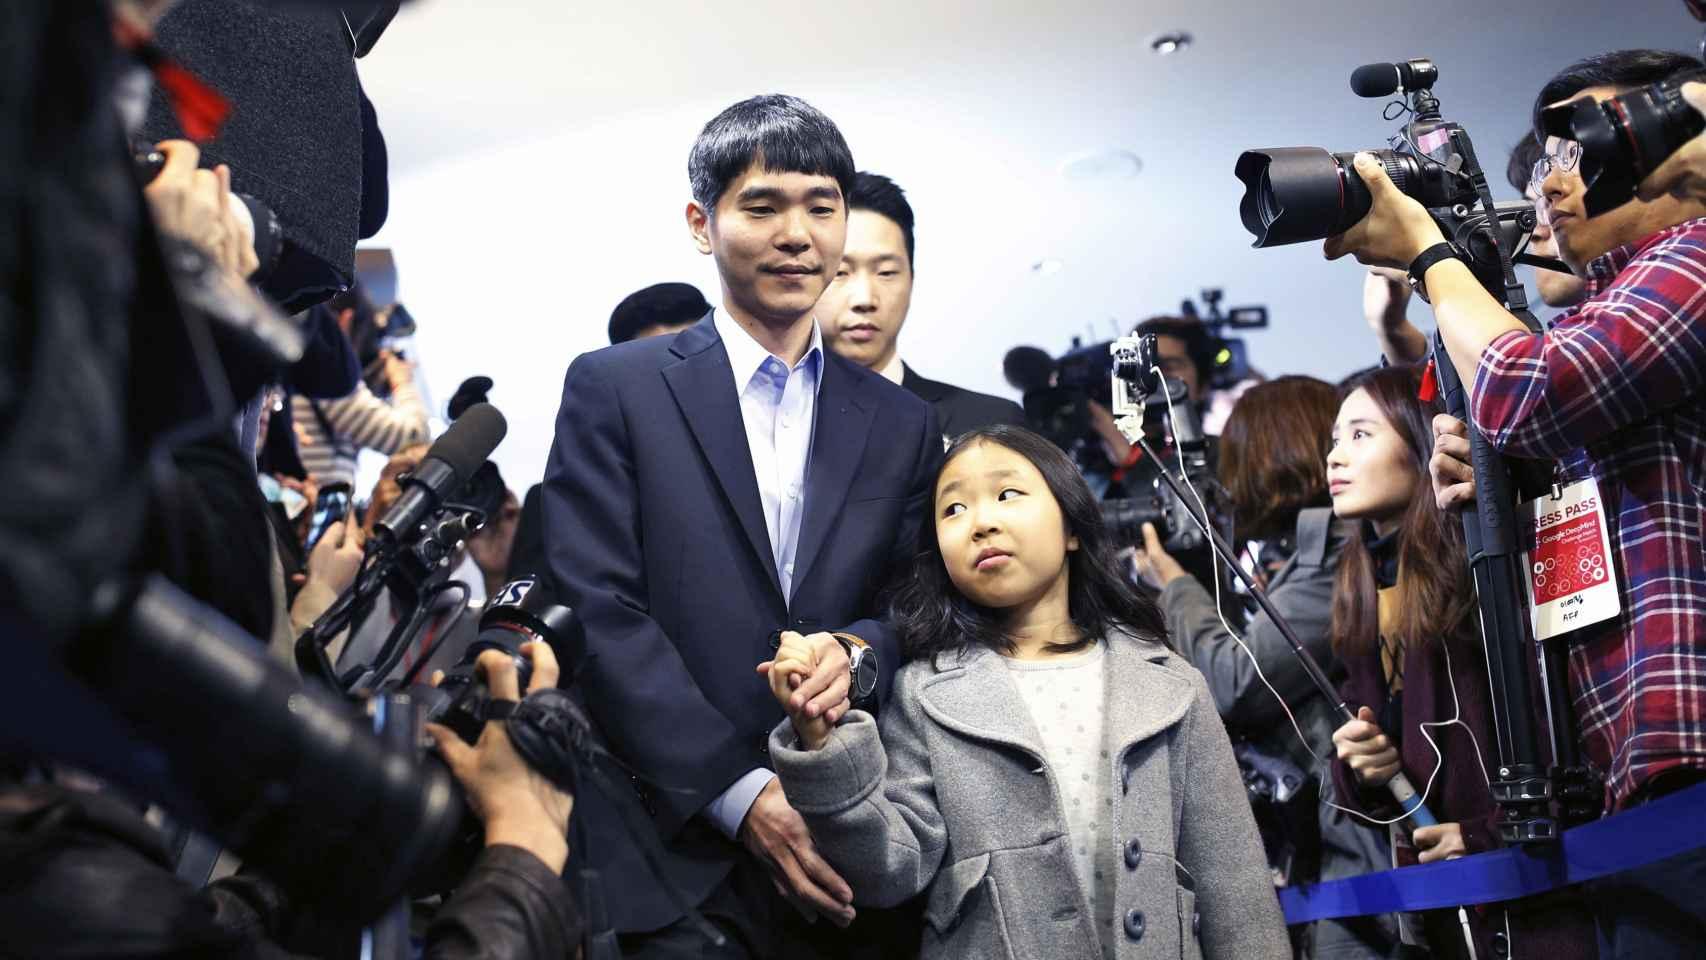 Lee Si-dol toma la mano de su hija, algo que AlphaGo jamás podrá hacer.